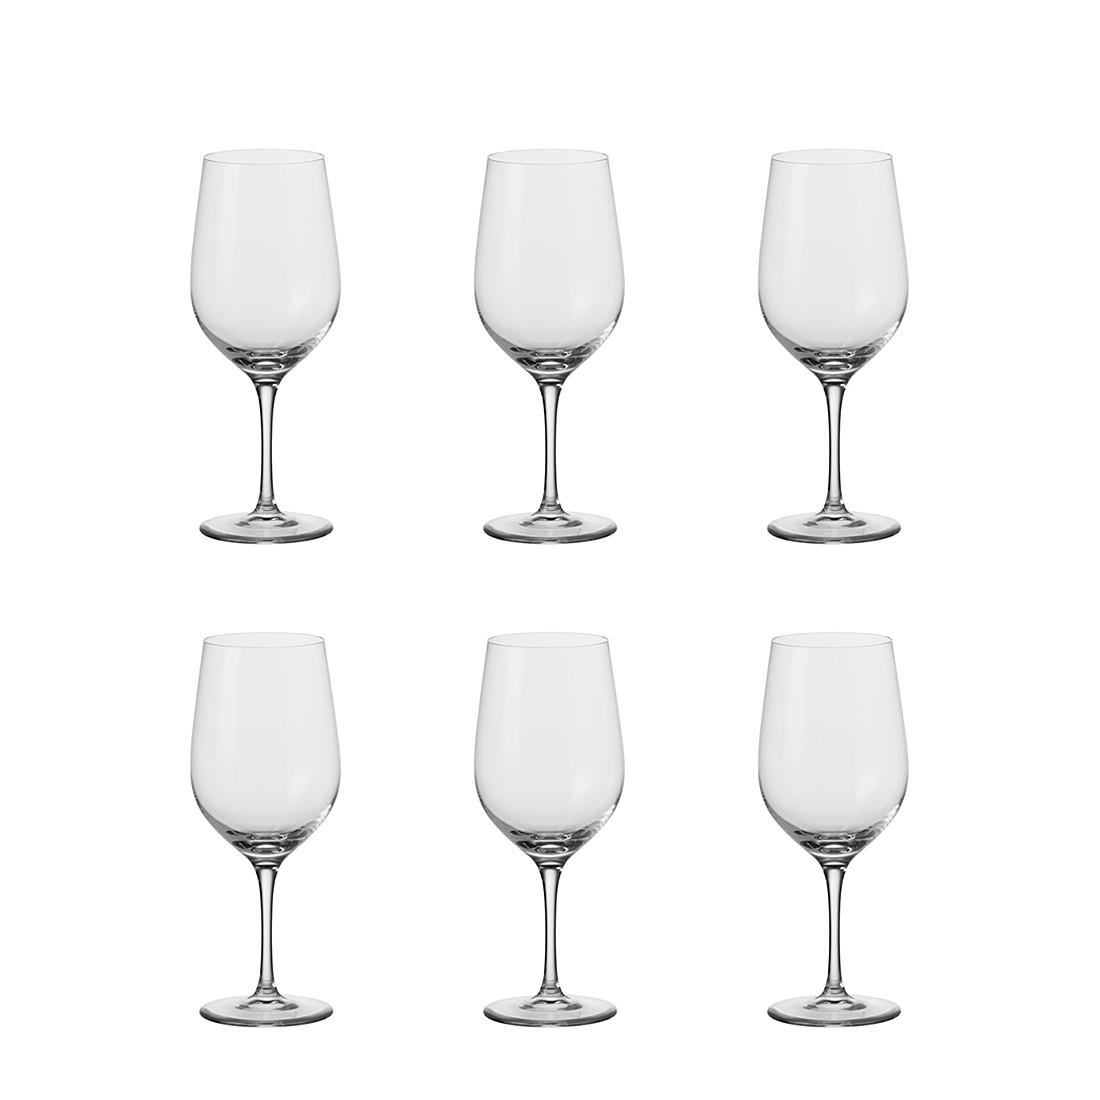 6 rotweinglas xl ciao 6er set leonardo g nstig bestellen. Black Bedroom Furniture Sets. Home Design Ideas